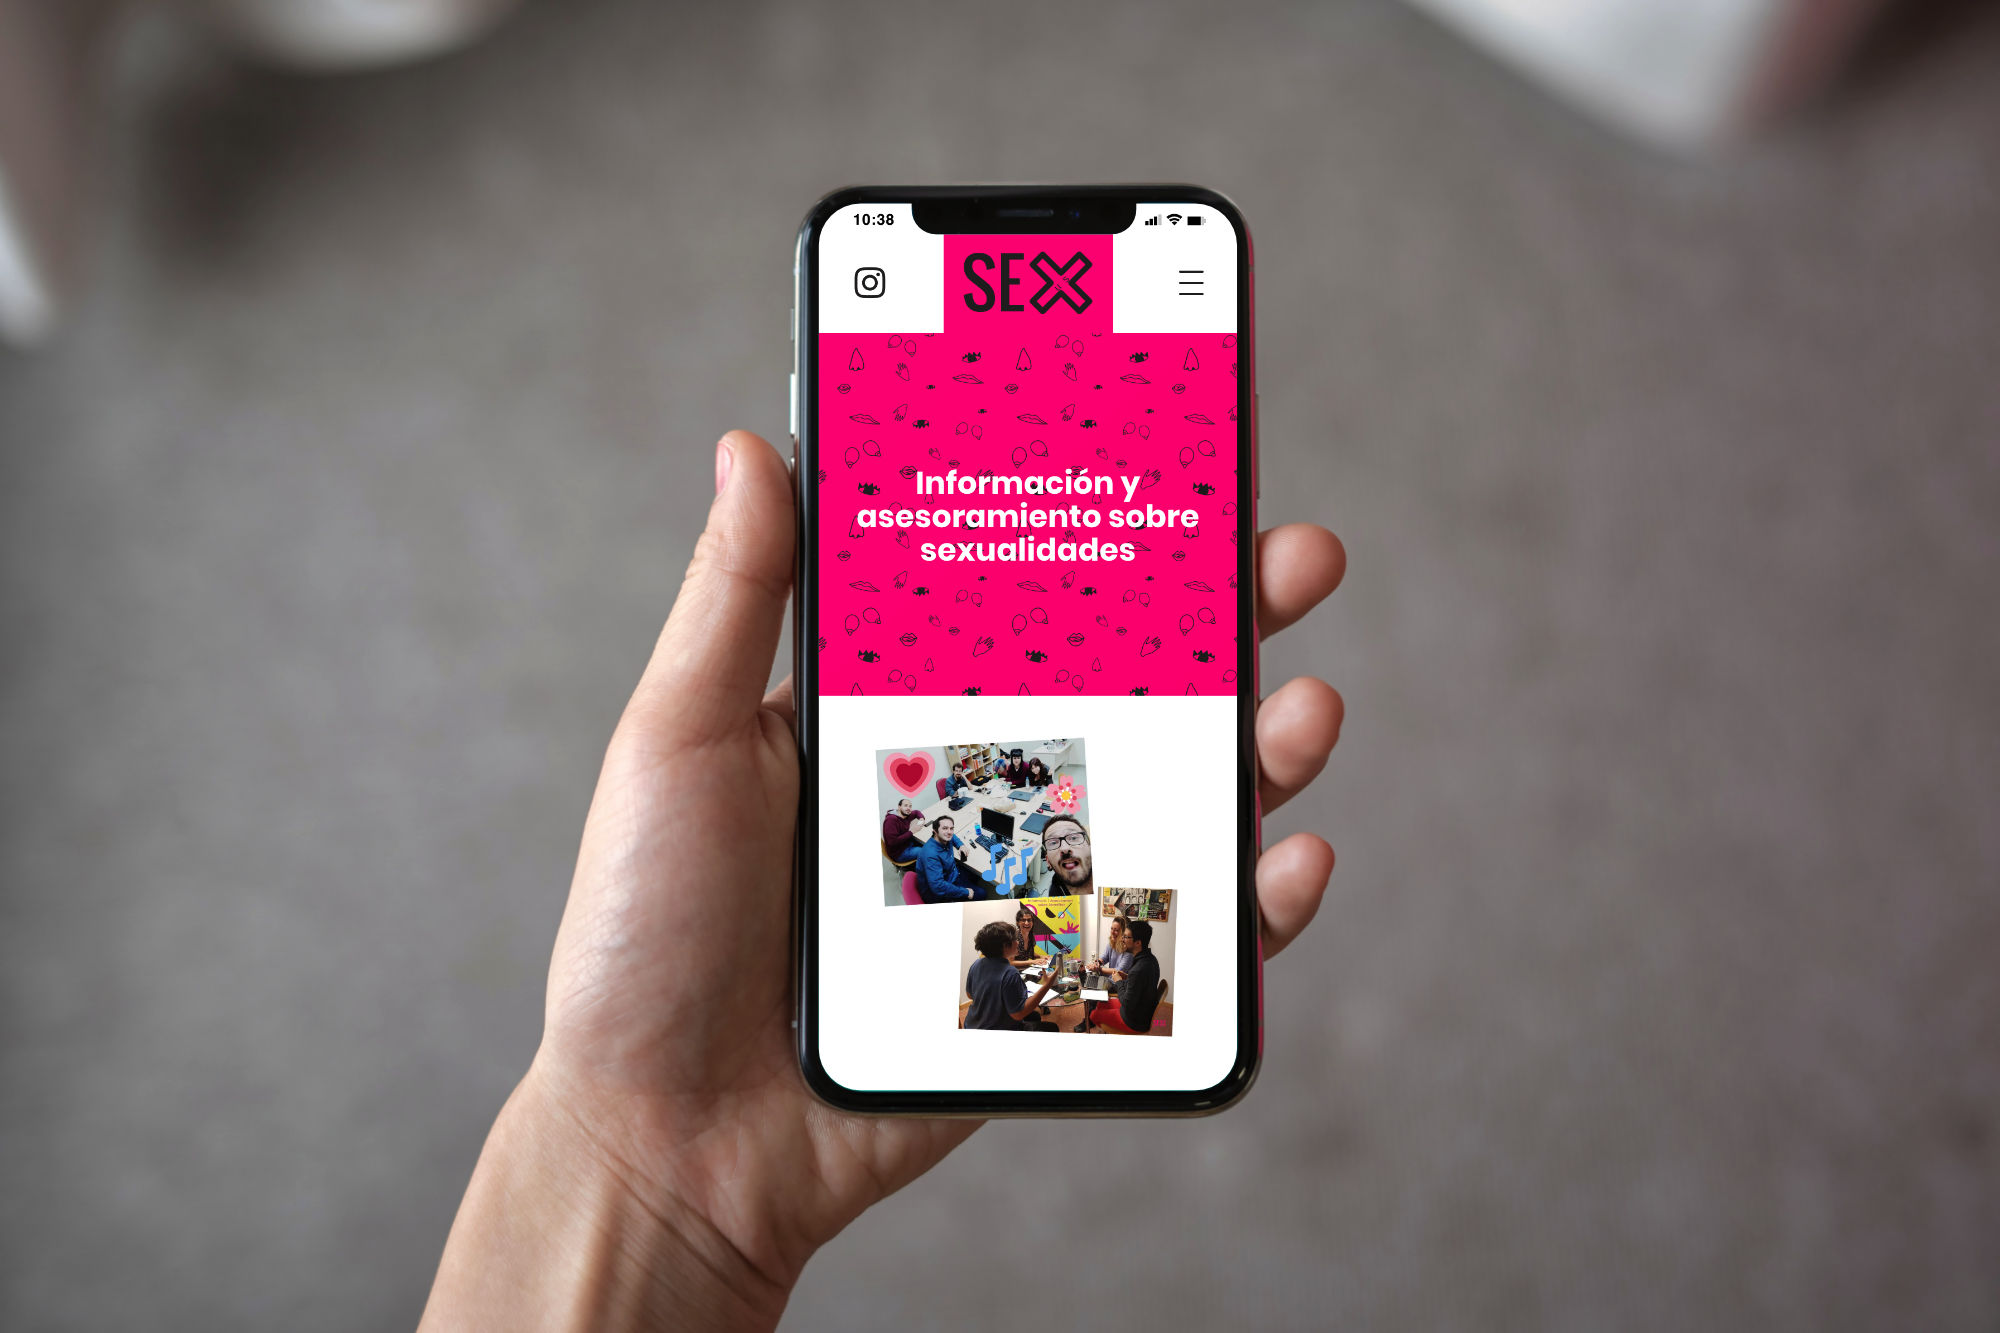 El programa Sexus de ABD estrena web para promover la educación y la salud sexual desde una perspectiva de género y derechos